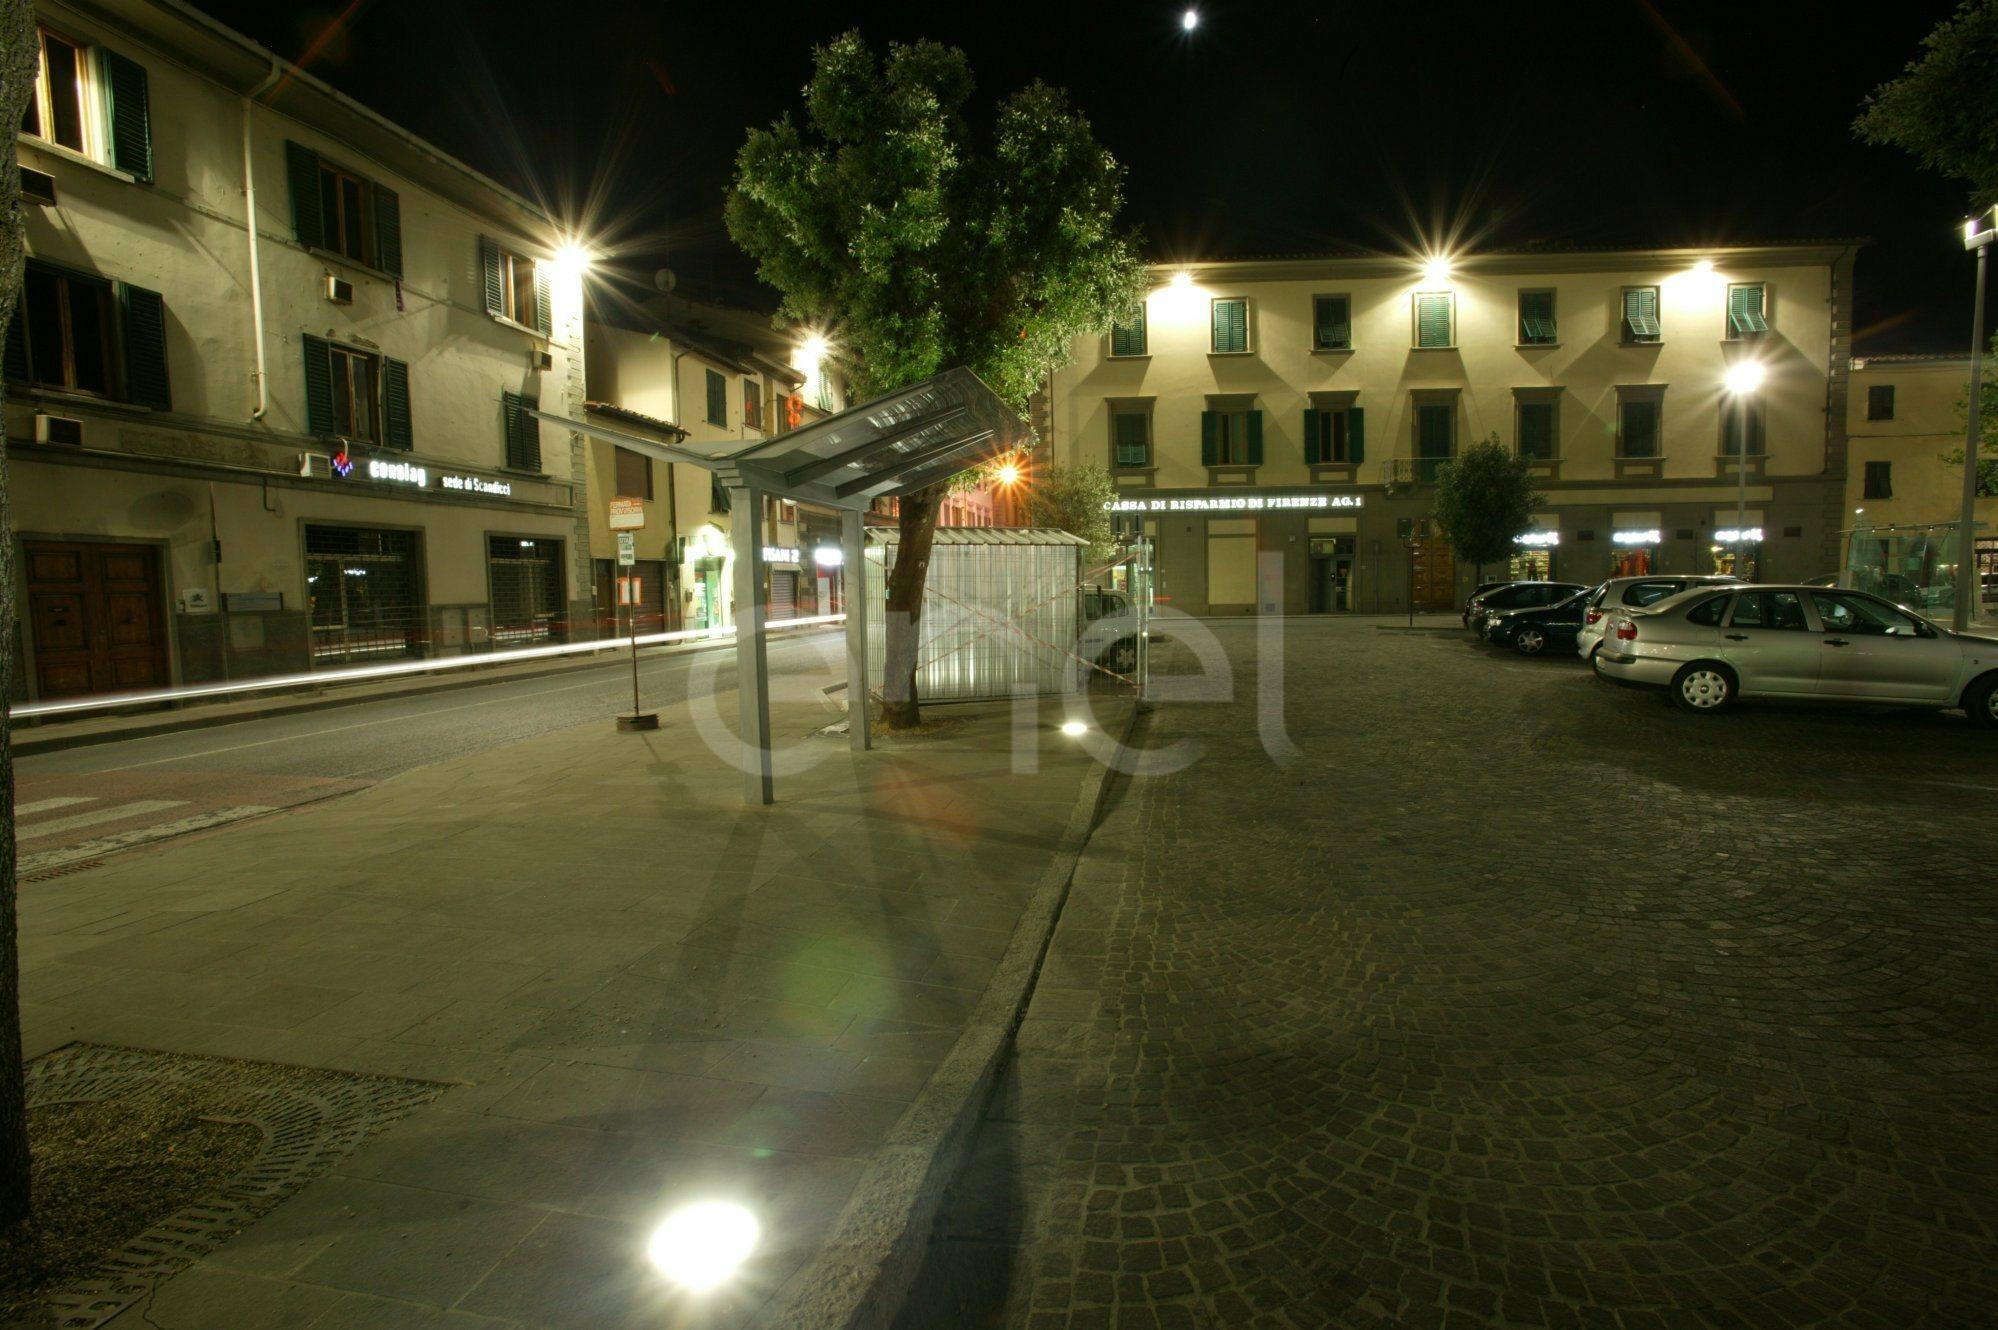 Illuminazione di Piazza Matteotti e del palazzo ottocentesco sede della Biblioteca comunale